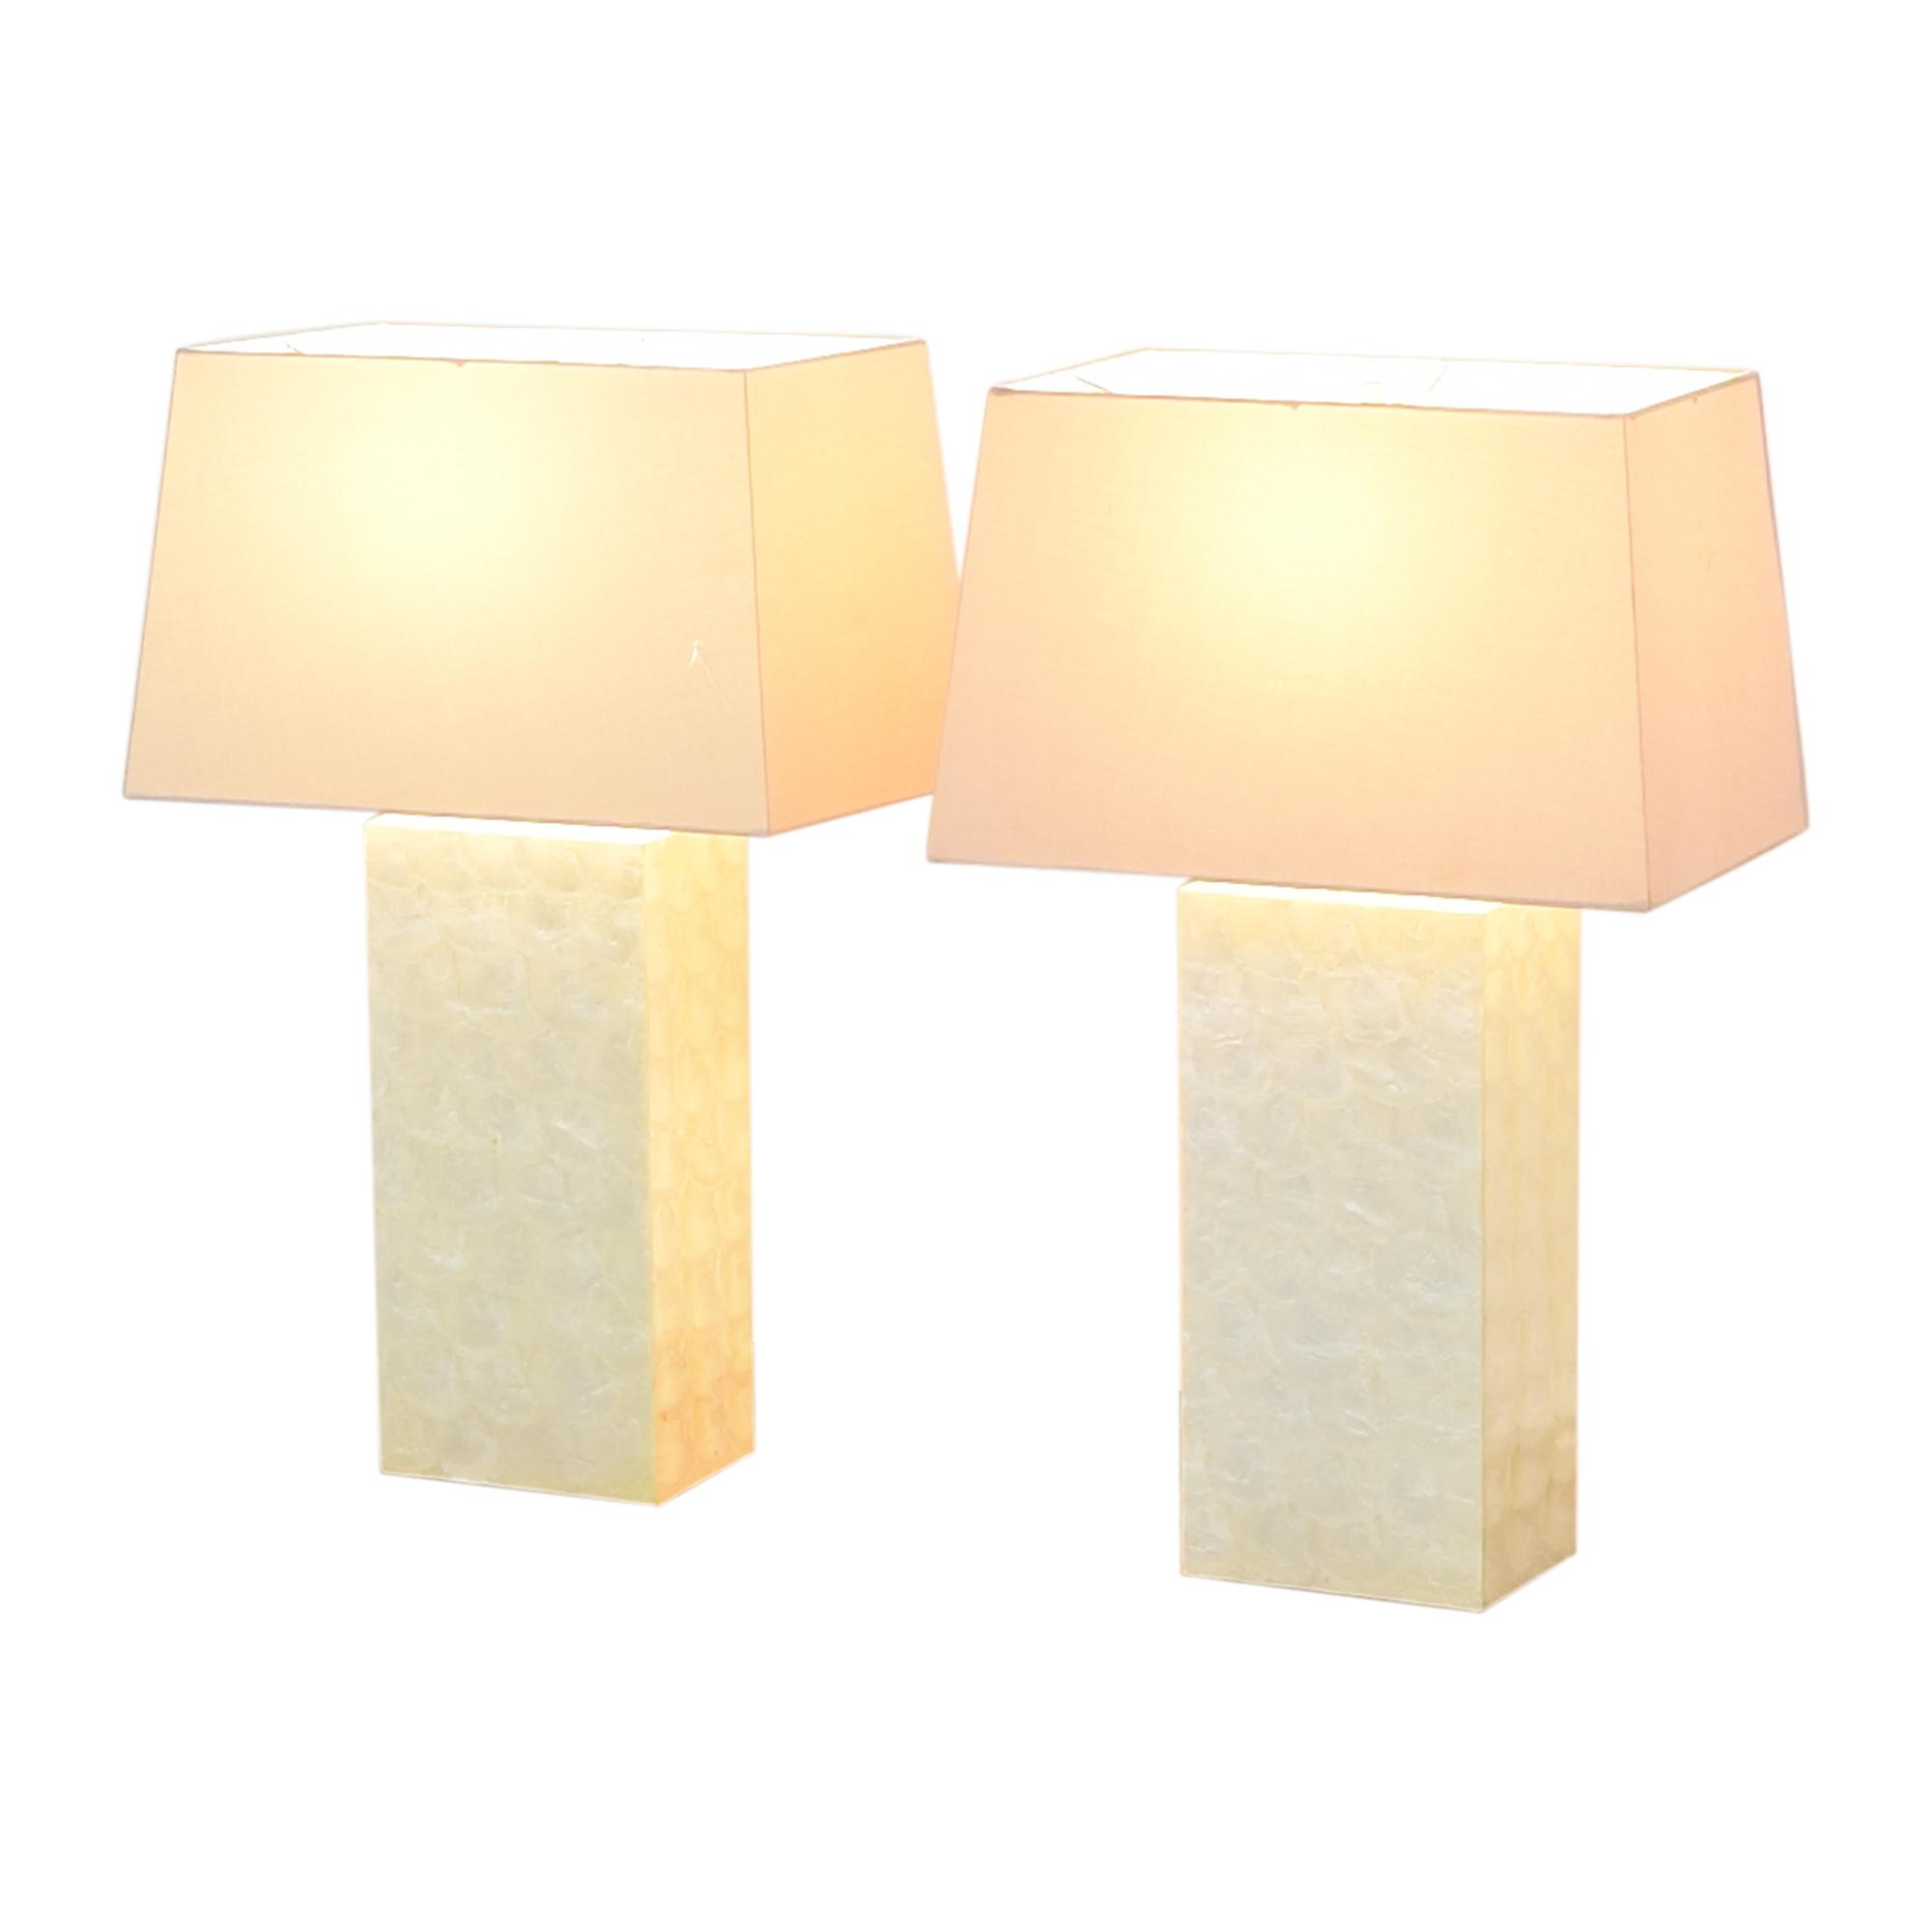 West Elm West Elm Capiz Block Table Lamps on sale